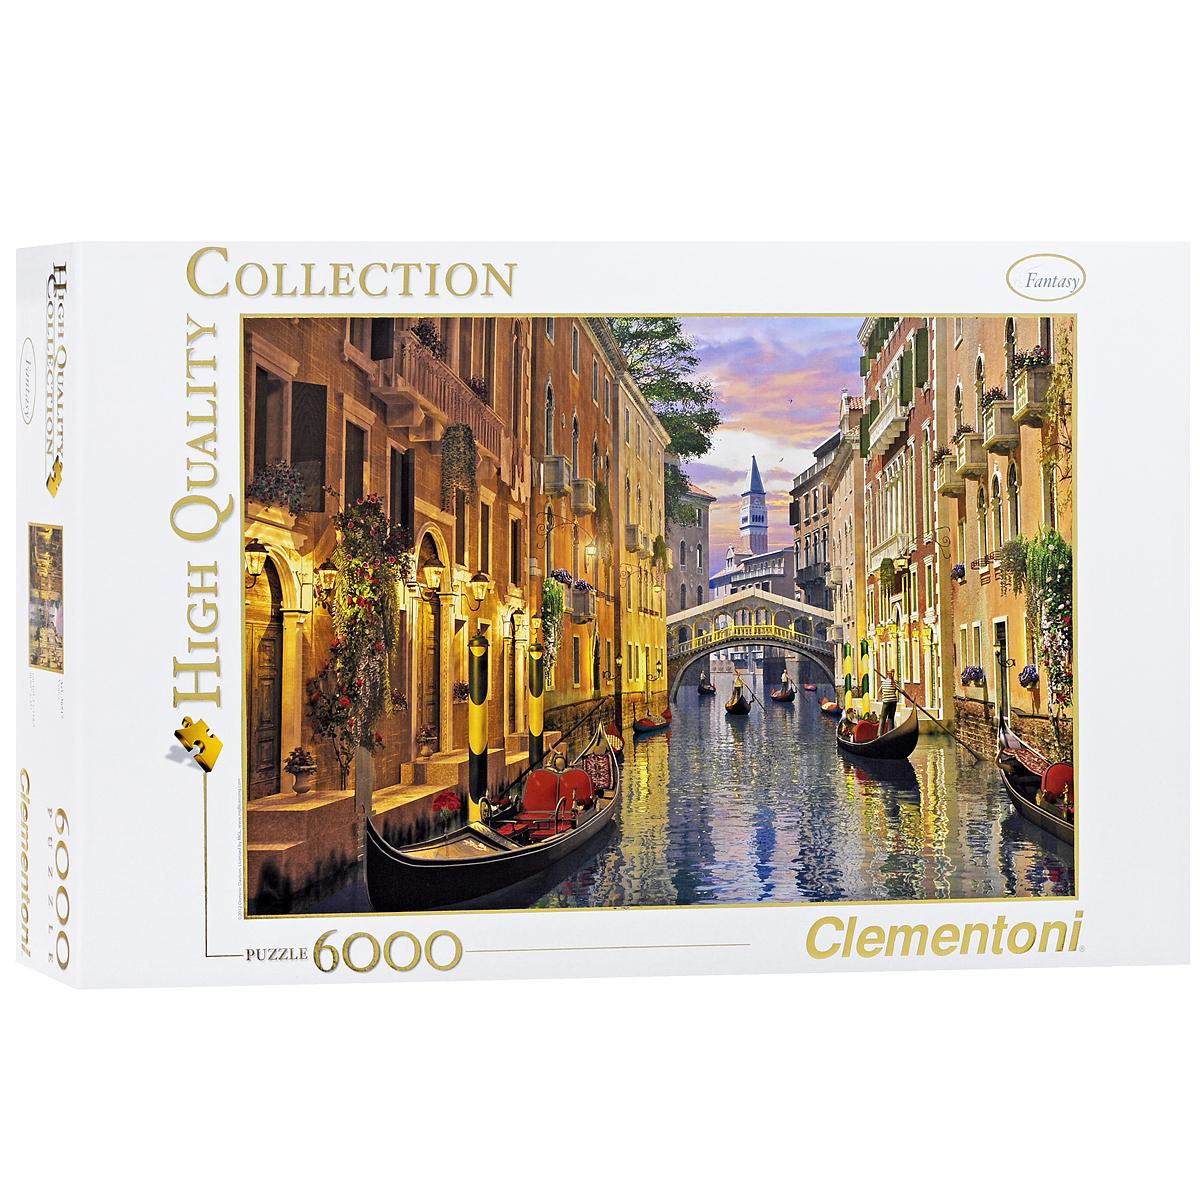 Венеция. Пазл, 6000 элементов36517Пазл Clementoni Венеция, без сомнения, придется вам по душе. Частичка романтичной Италии у вас дома - такое возможно! Венеция - один из самых красивых городов Европы, вряд ли где-то еще найдется столько потрясающих, живописных видов и панорам. Проведите время за увлекательным и полезным занятием - собрите пазл, включающий в себя 6000 элементов, и вы получите великолепную картину венецианского канала, мостов, архитектурных фасадов и, конечно, гондол. Пазл - великолепная игра для семейного досуга. Сегодня собирание пазлов стало особенно популярным, главным образом, благодаря своей многообразной тематике, способной удовлетворить самый взыскательный вкус. А для детей это не только интересно, но и полезно. Собирание пазла развивает мелкую моторику у ребенка, тренирует наблюдательность, логическое мышление, знакомит с окружающим миром, с цветом и разнообразными формами.